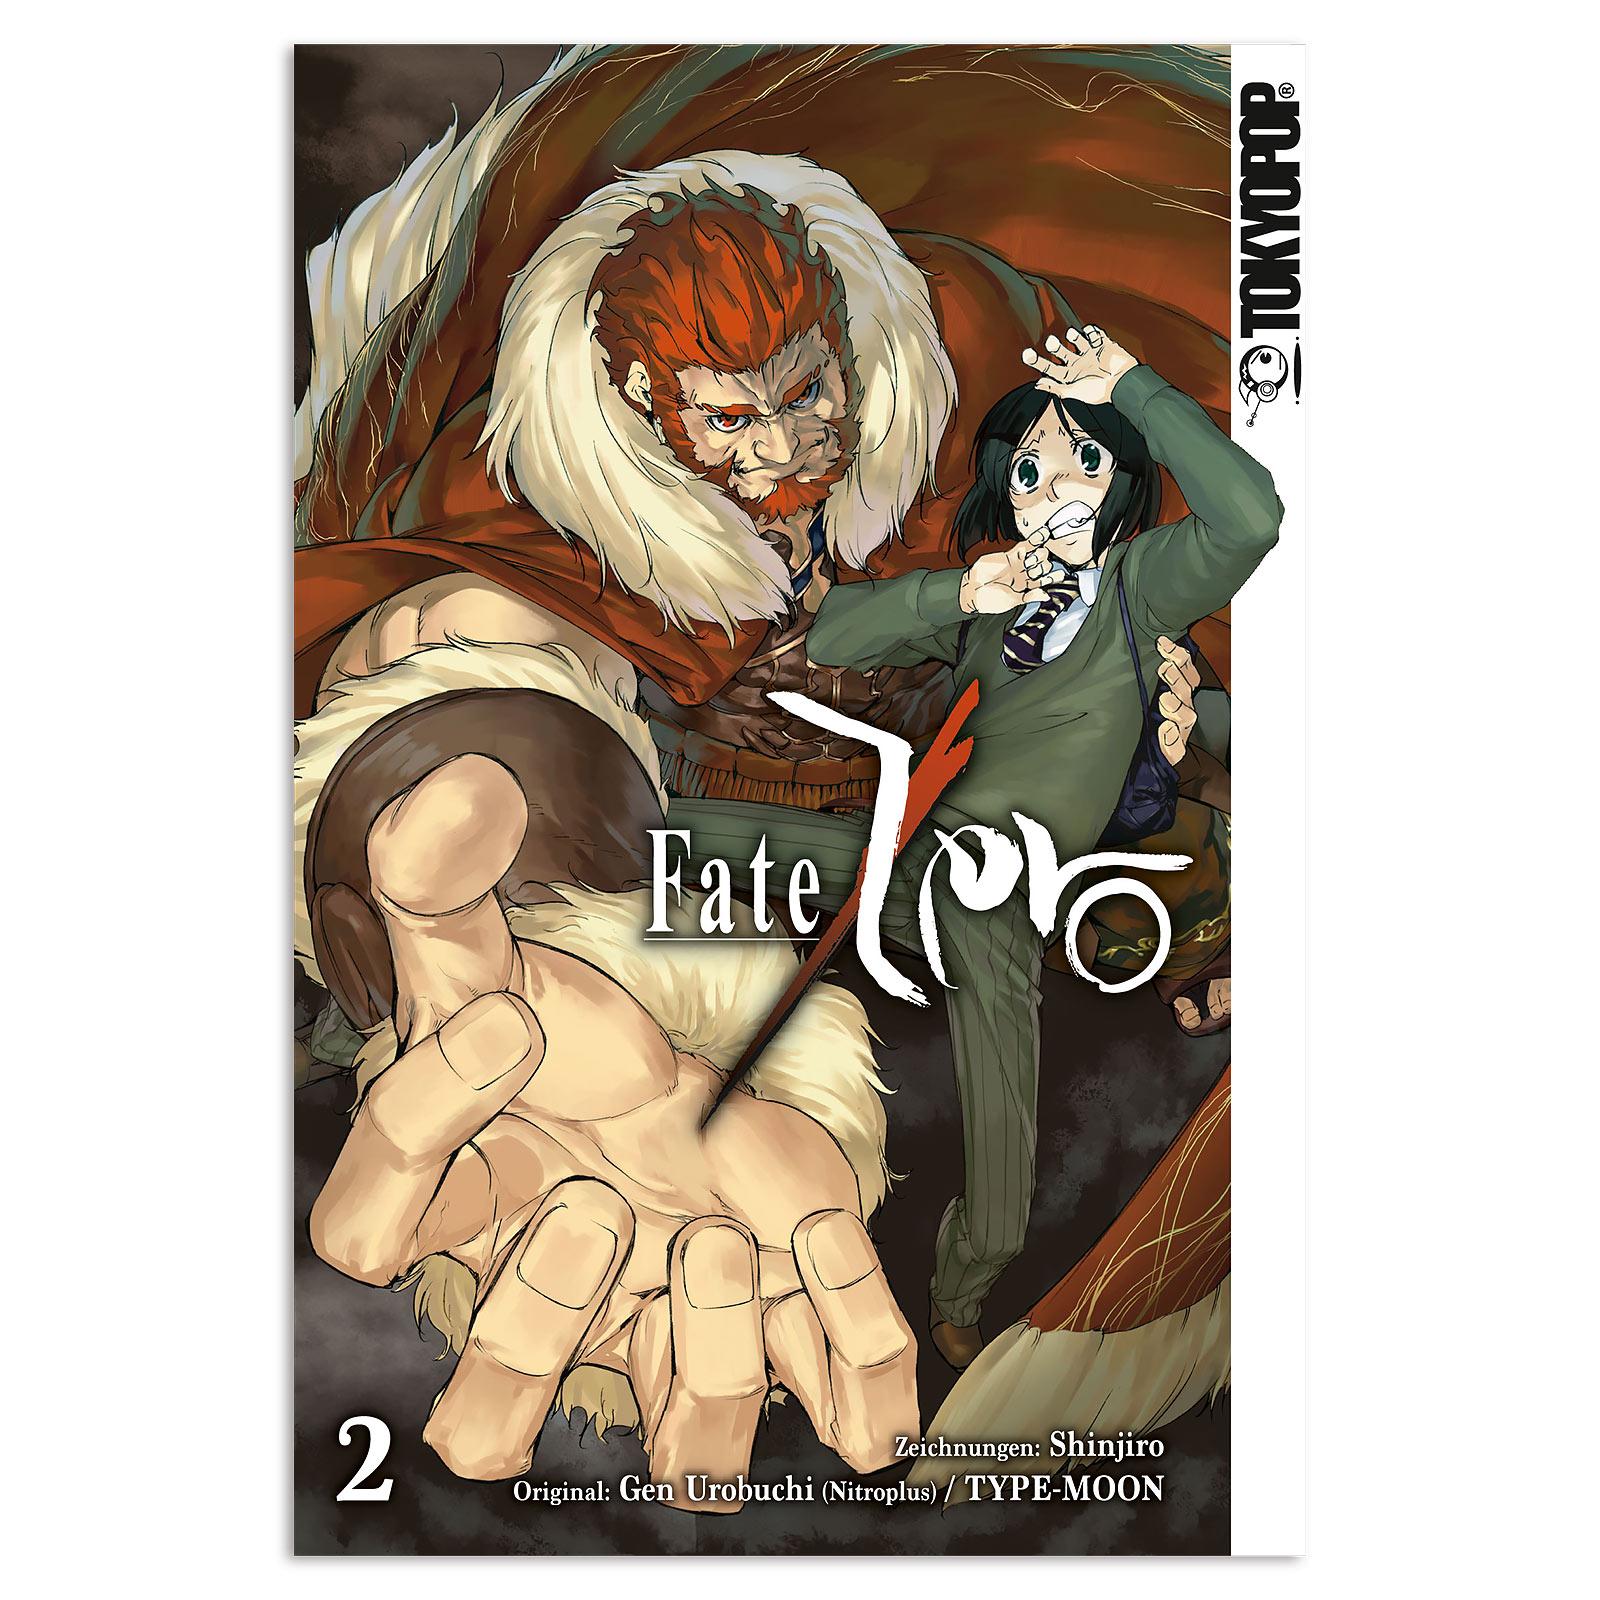 Fate/Zero - Band 2 Taschenbuch